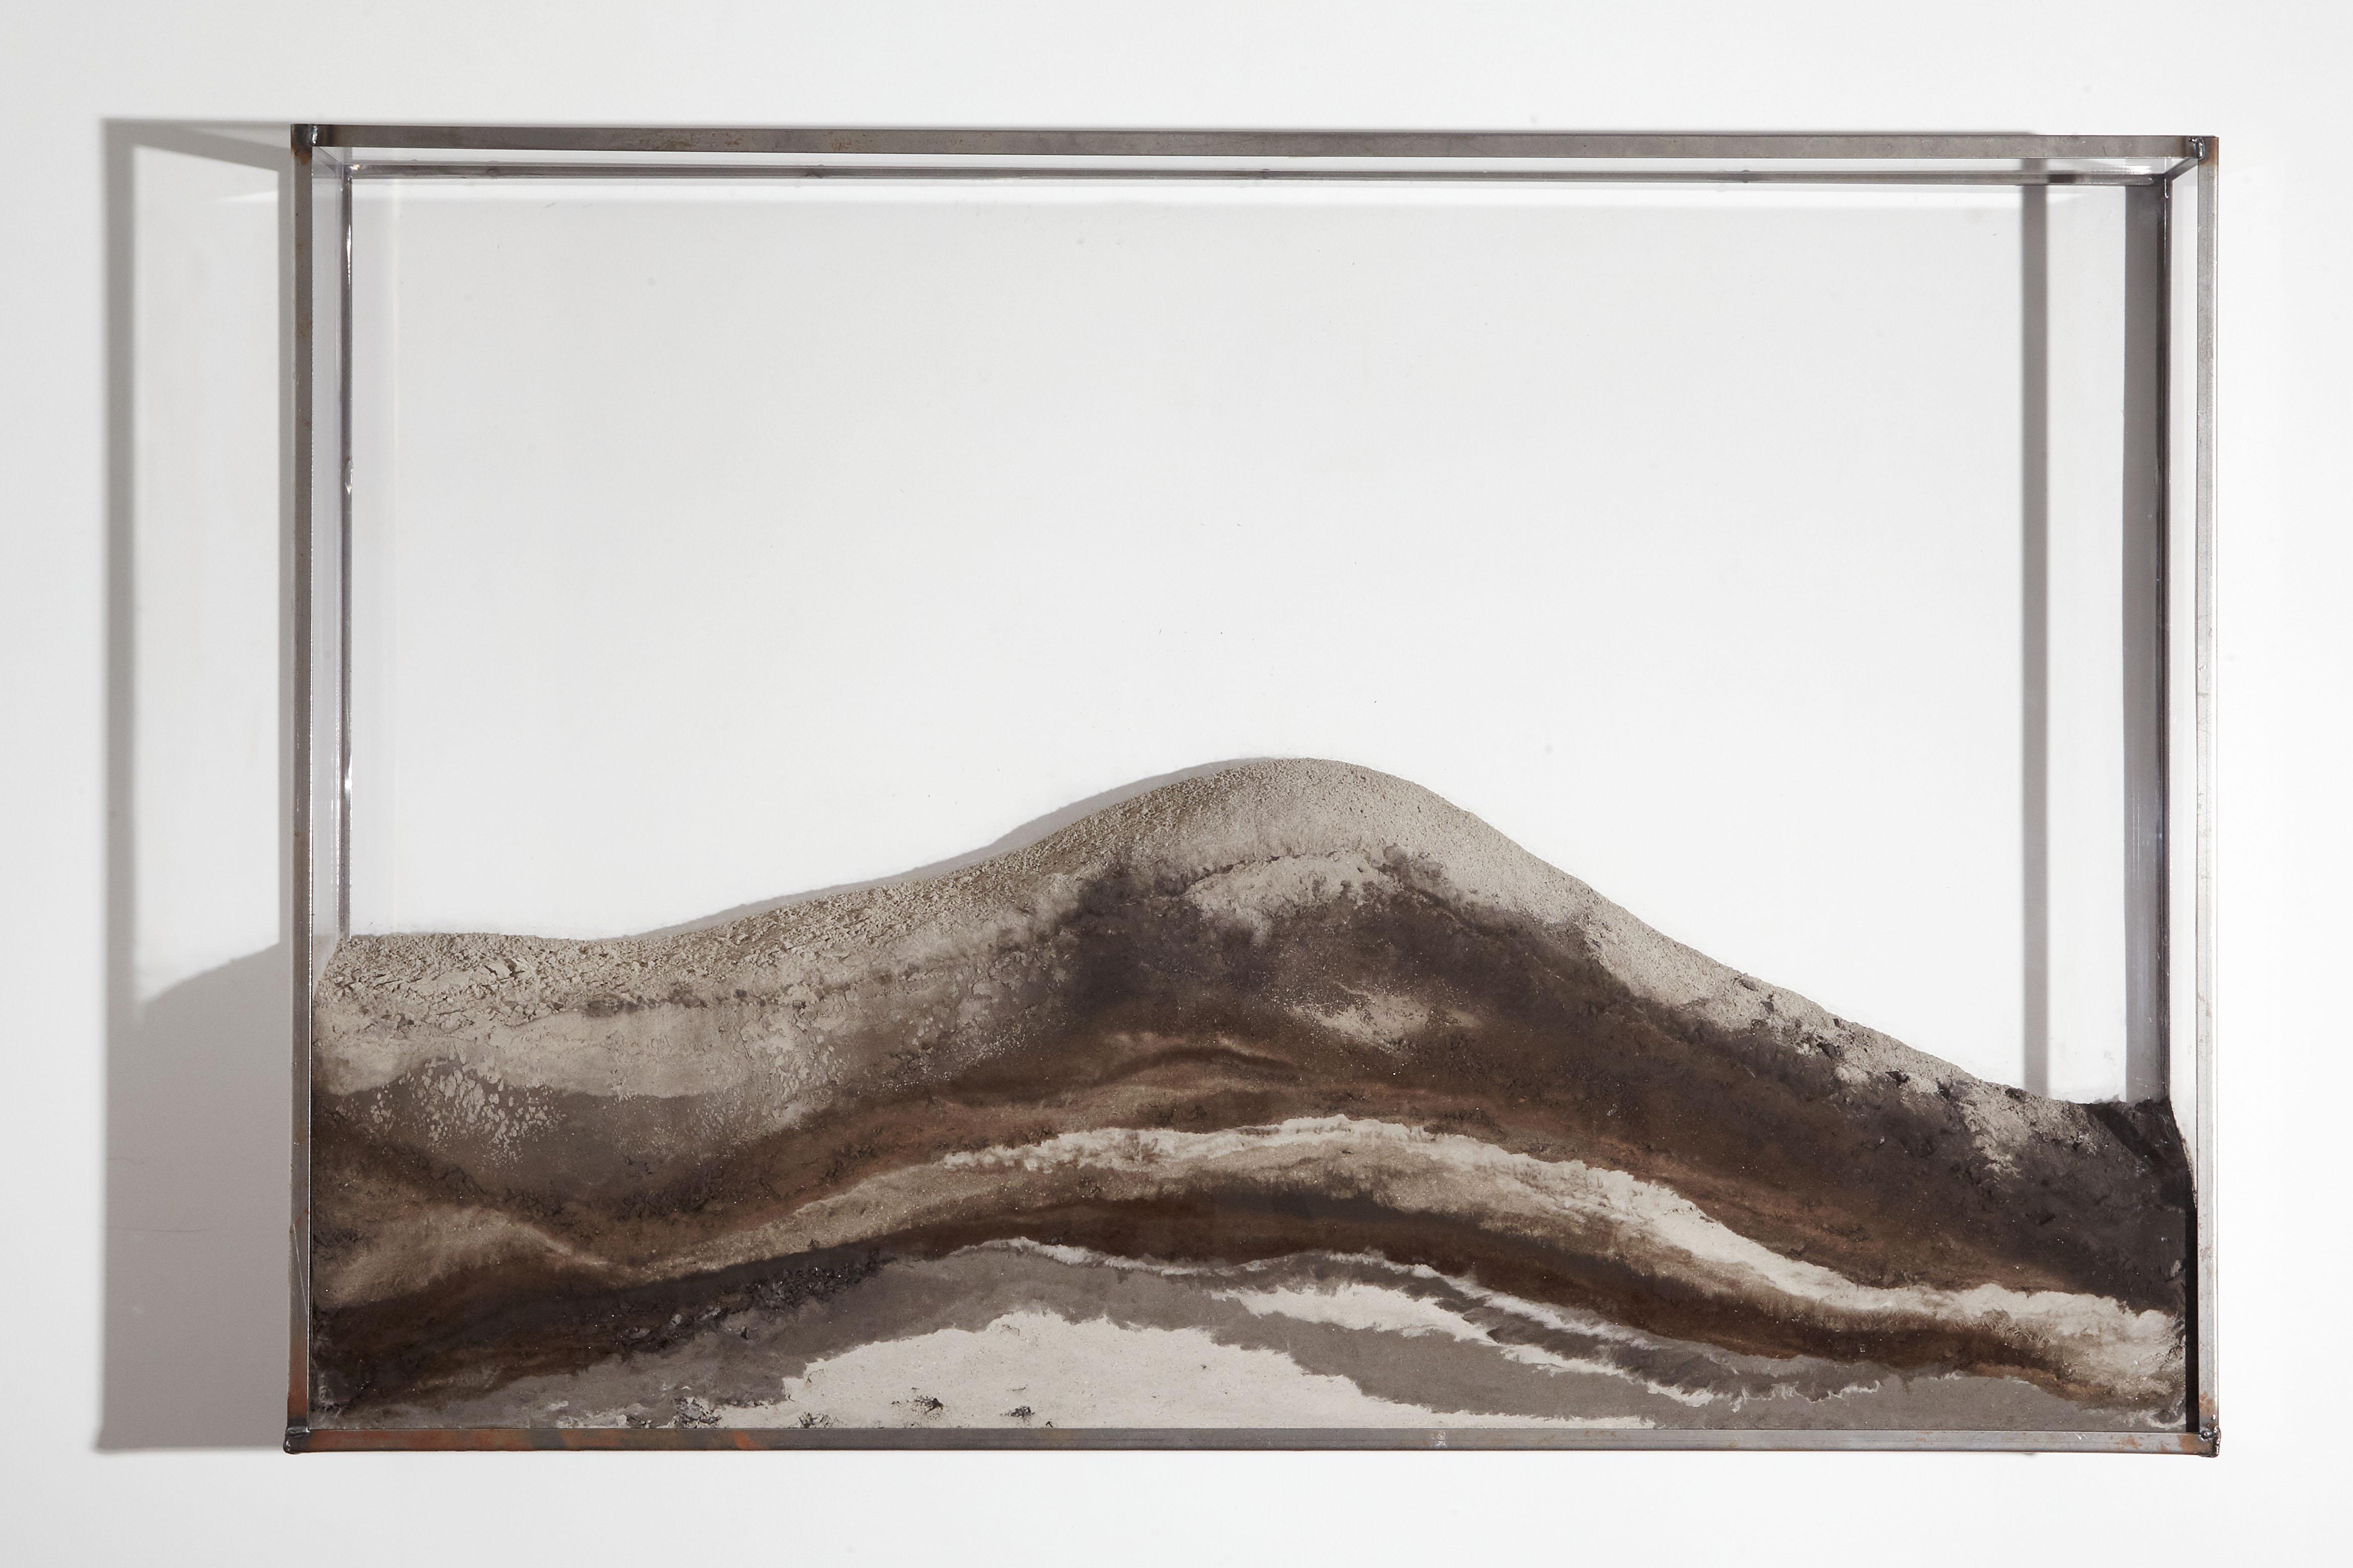 M. E. Novello, Paesaggi, 2018